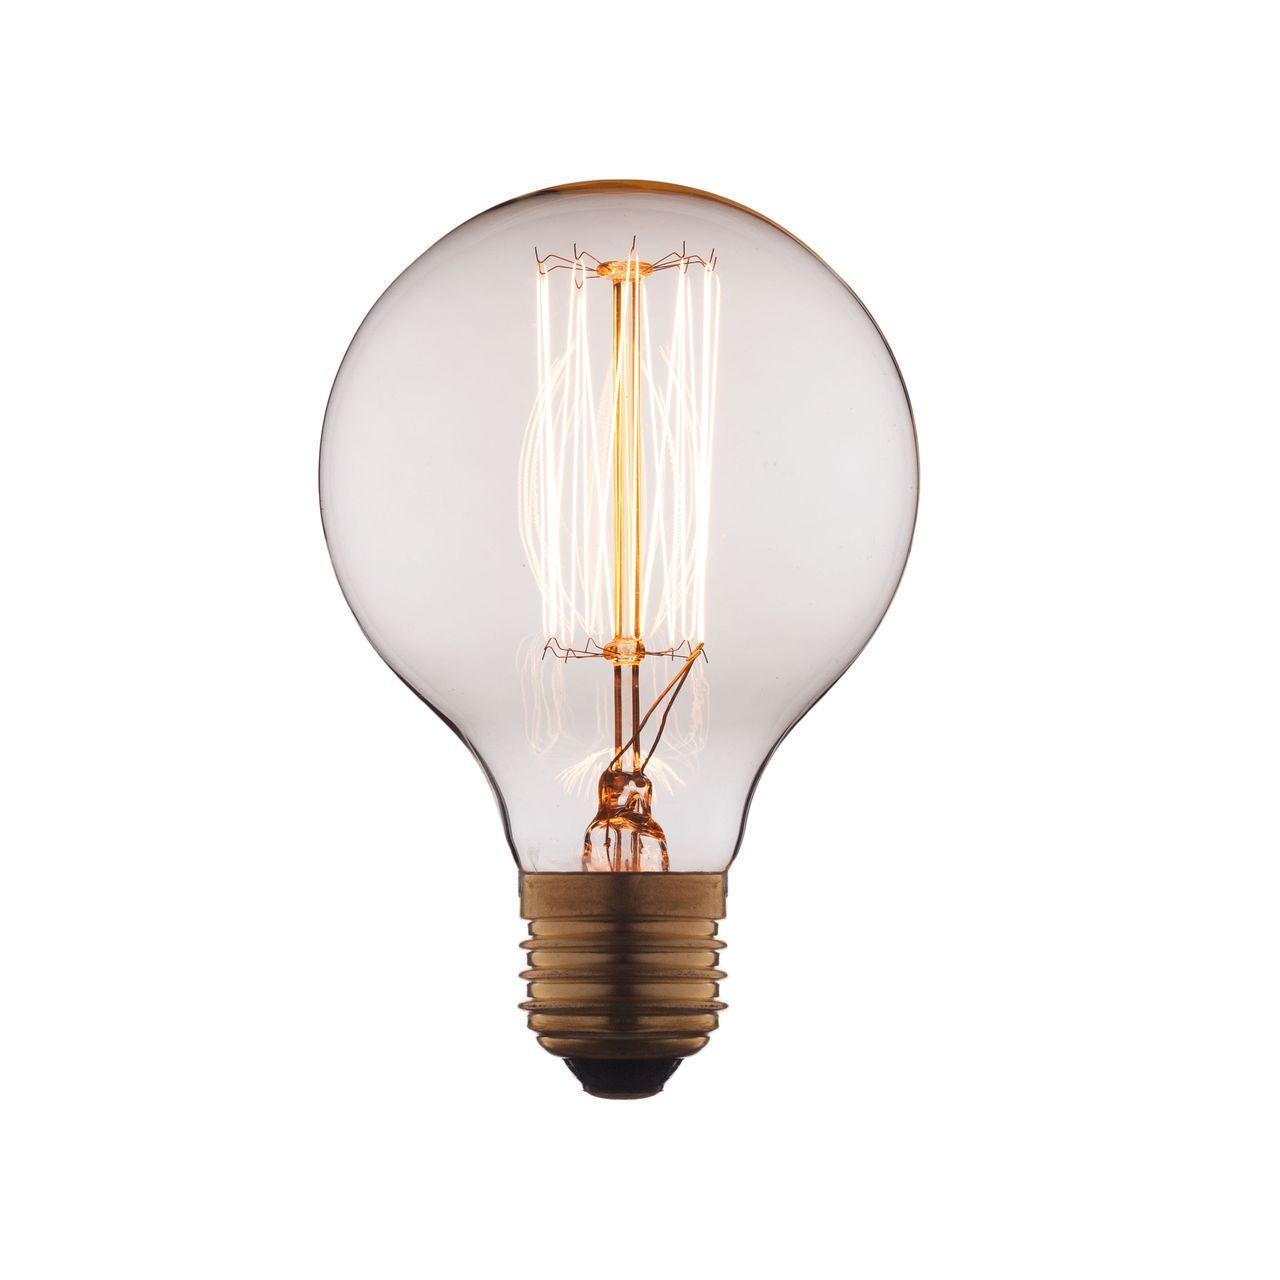 Лампа накаливания E27 40W прозрачная G8040 декоративная лампа накаливания loft it g8040